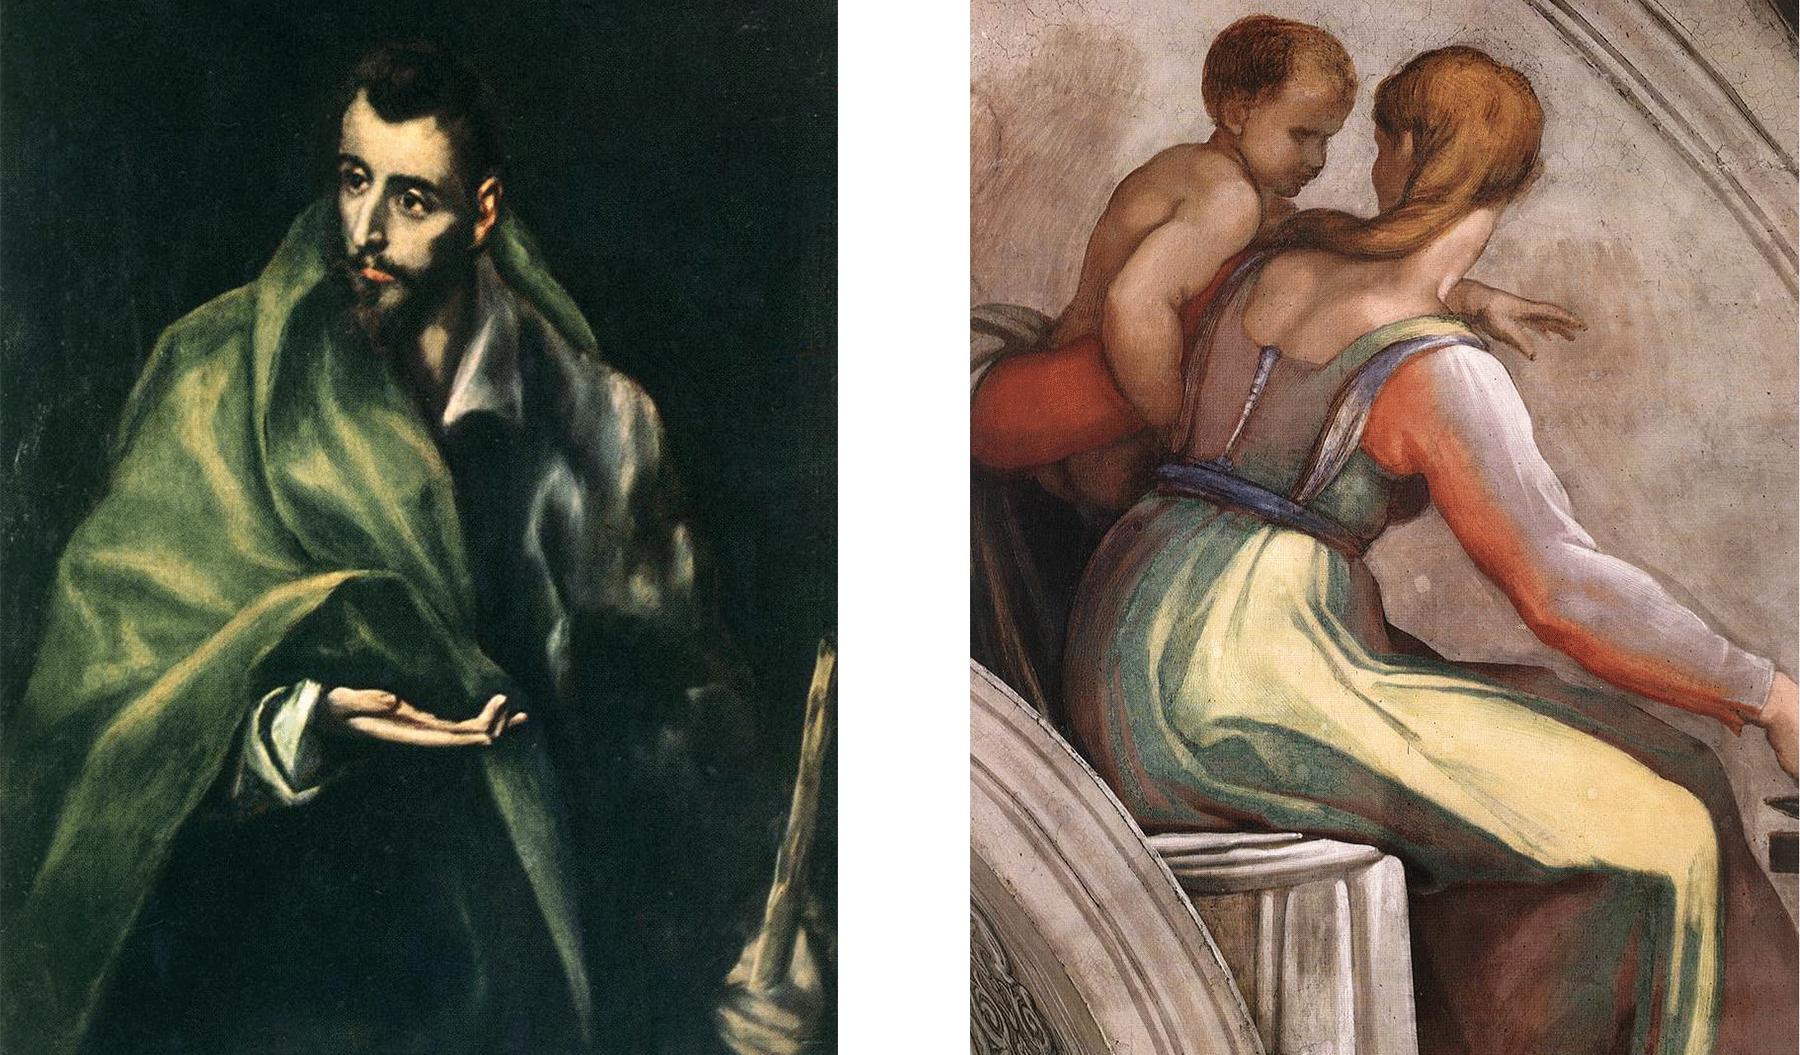 مائیکل اینجلو کی پینٹنگ (دائیں) اور گریکو کی پینٹنگ (بائیں)۔